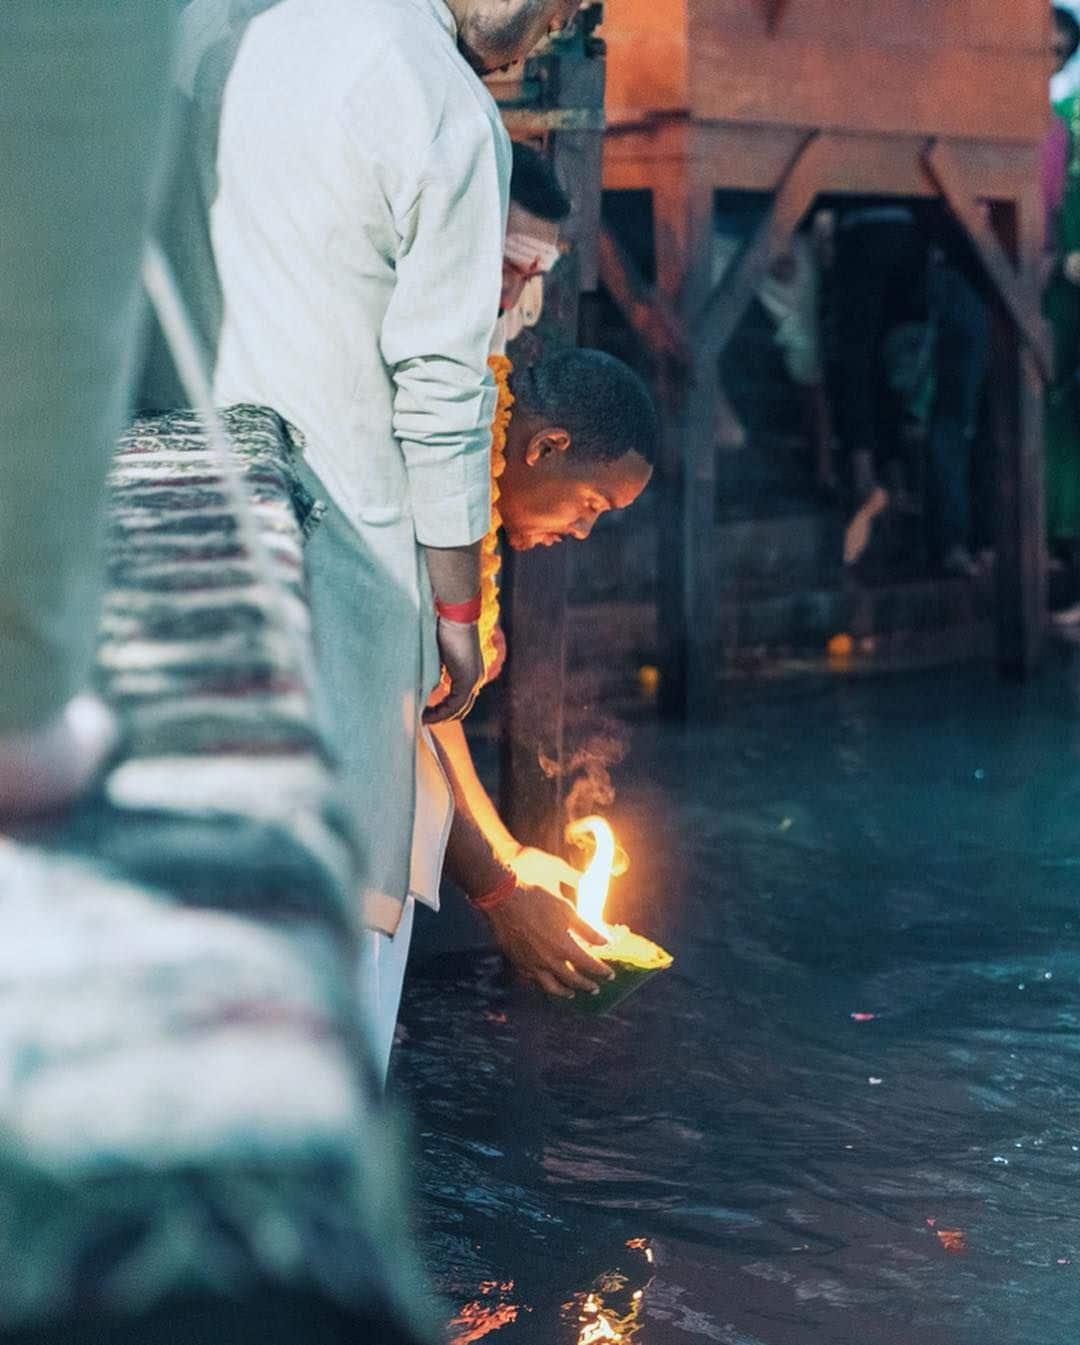 অভিজ্ঞতার মধ্য দিয়ে ভগবানের দর্শন হয়- বিশ্বাসী উইল স্মিথ। সে কথাই নিজের ভারত দর্শন সম্পর্কে বলেছেন অভিনেতা। (ছবি-ইনস্টাগ্রাম)